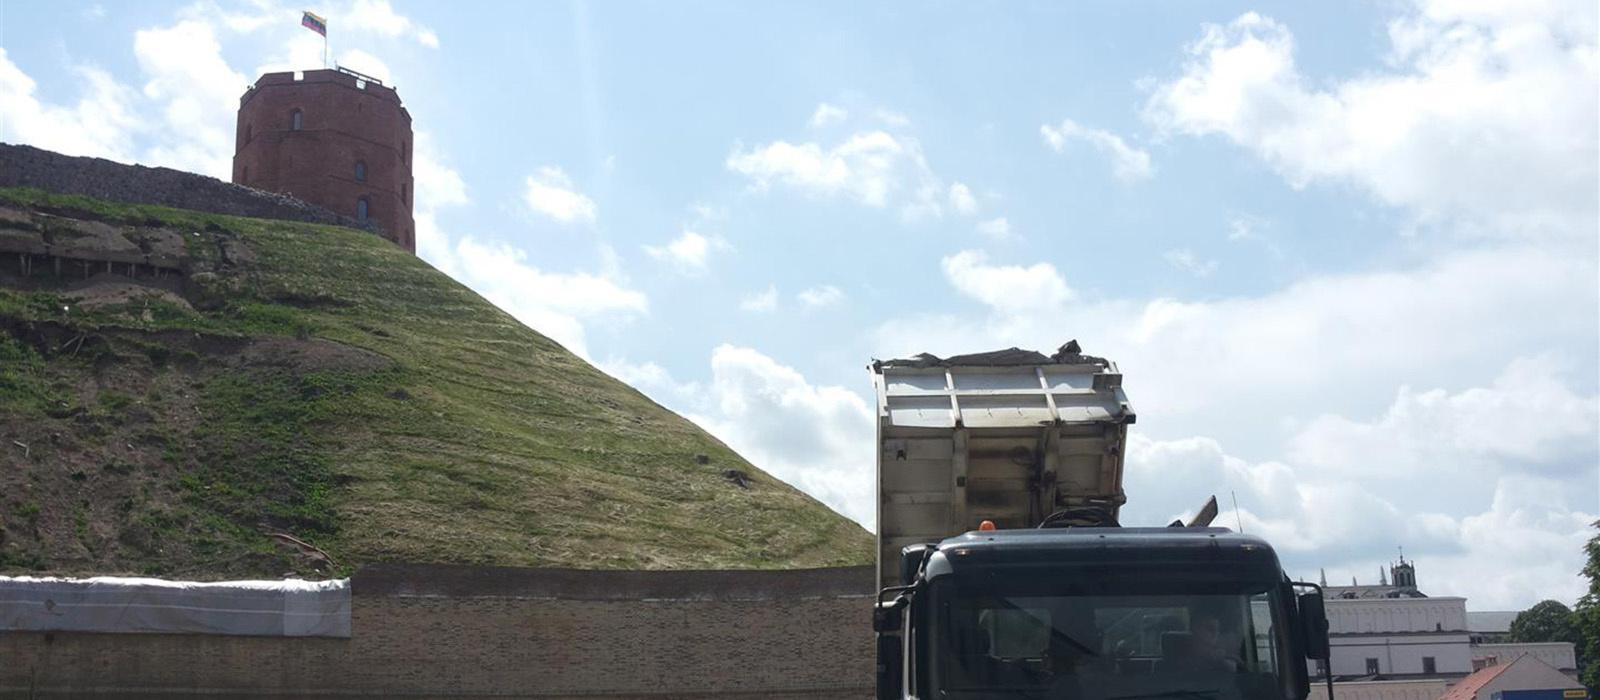 Vyriausybė dėl Gedimino kalno avarinės situacijos patvirtino neatidėliotinų veiksmų planą